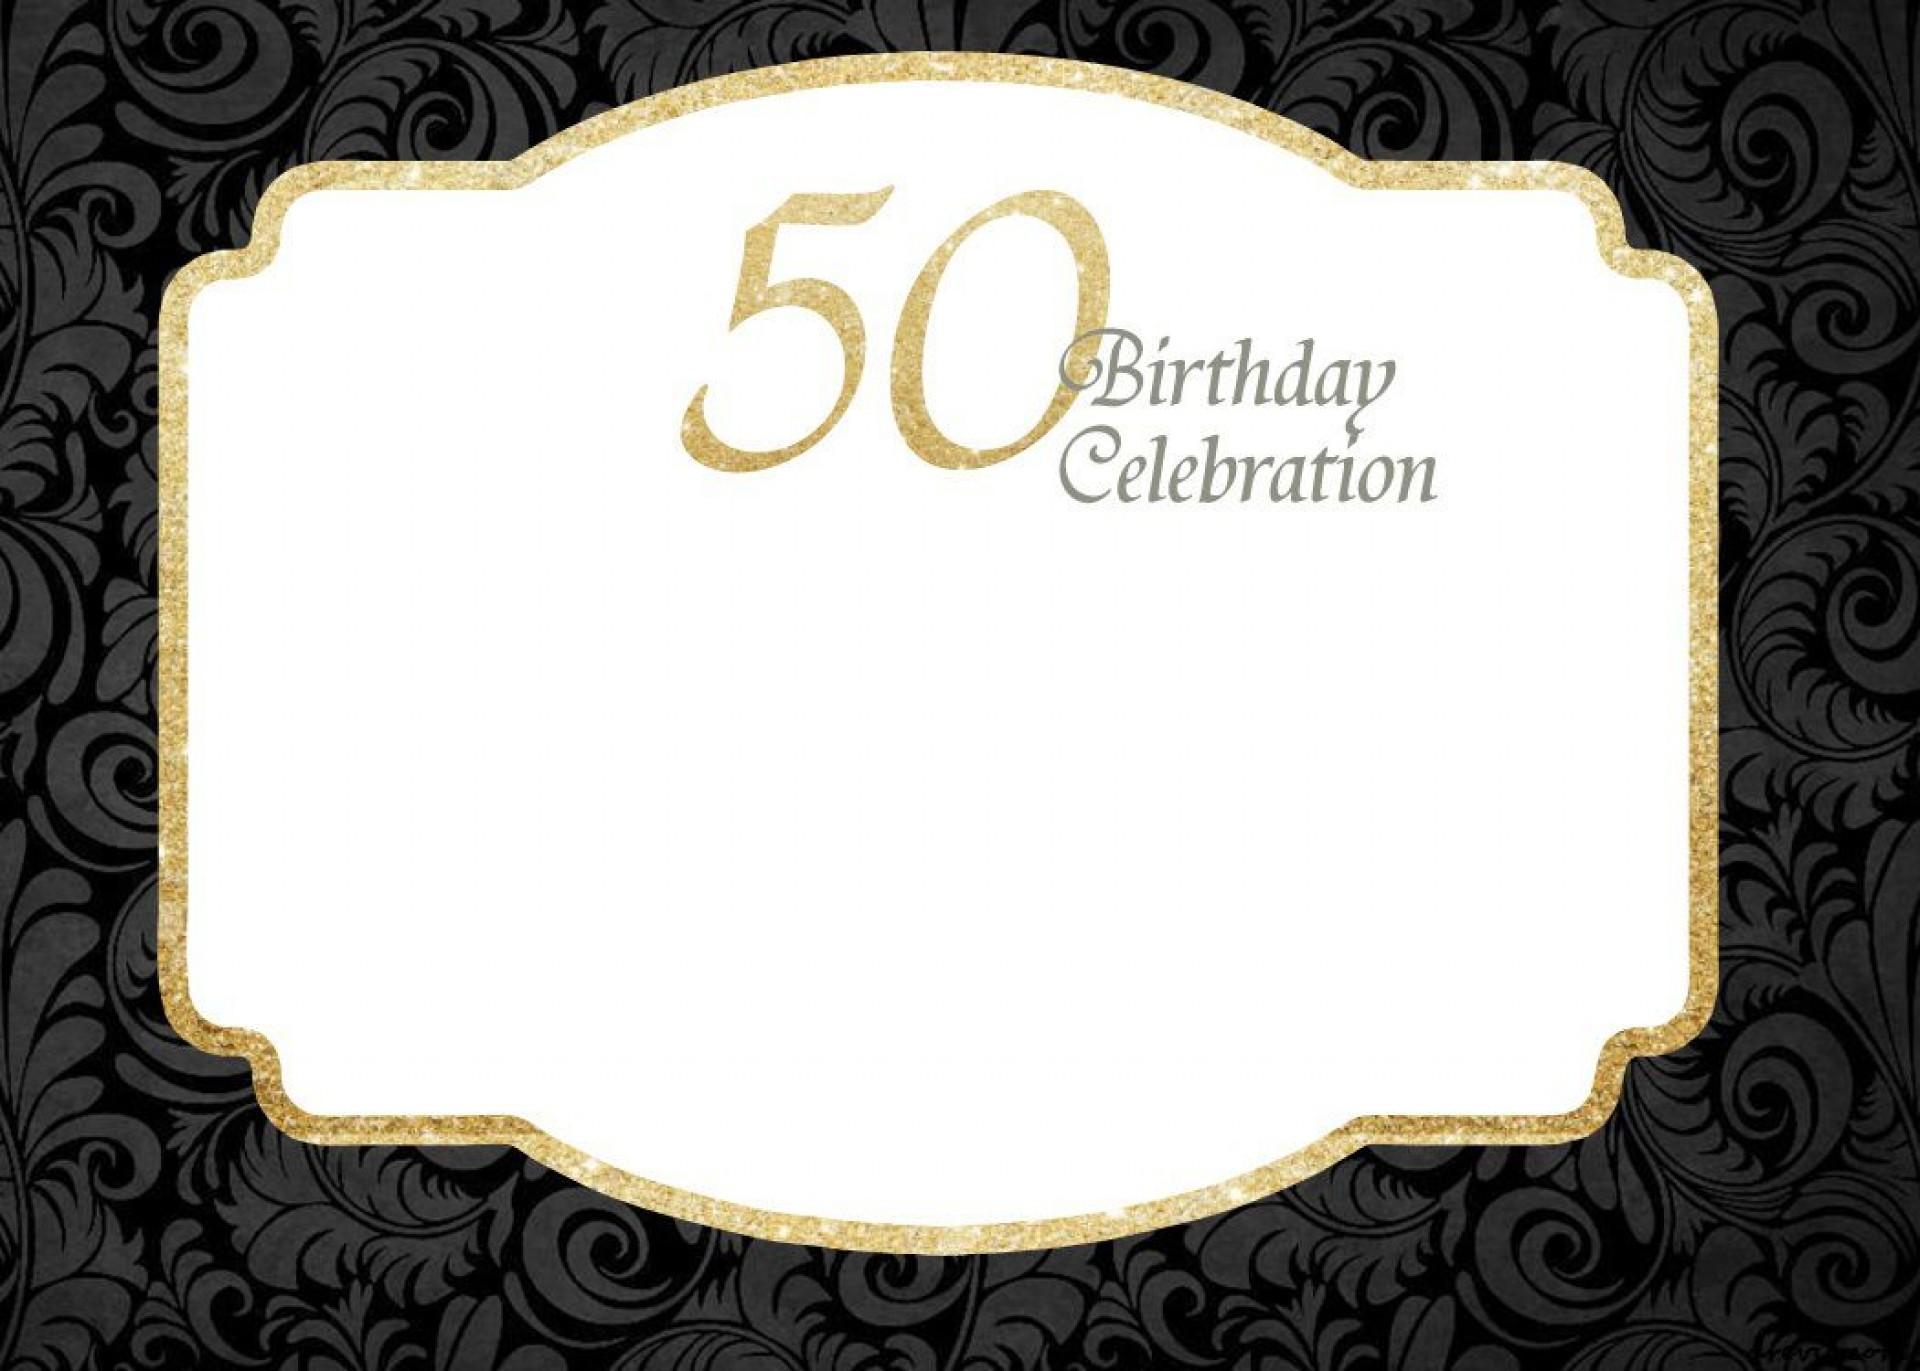 007 Unique Surprise 50th Birthday Invitation Template Word Free Concept 1920